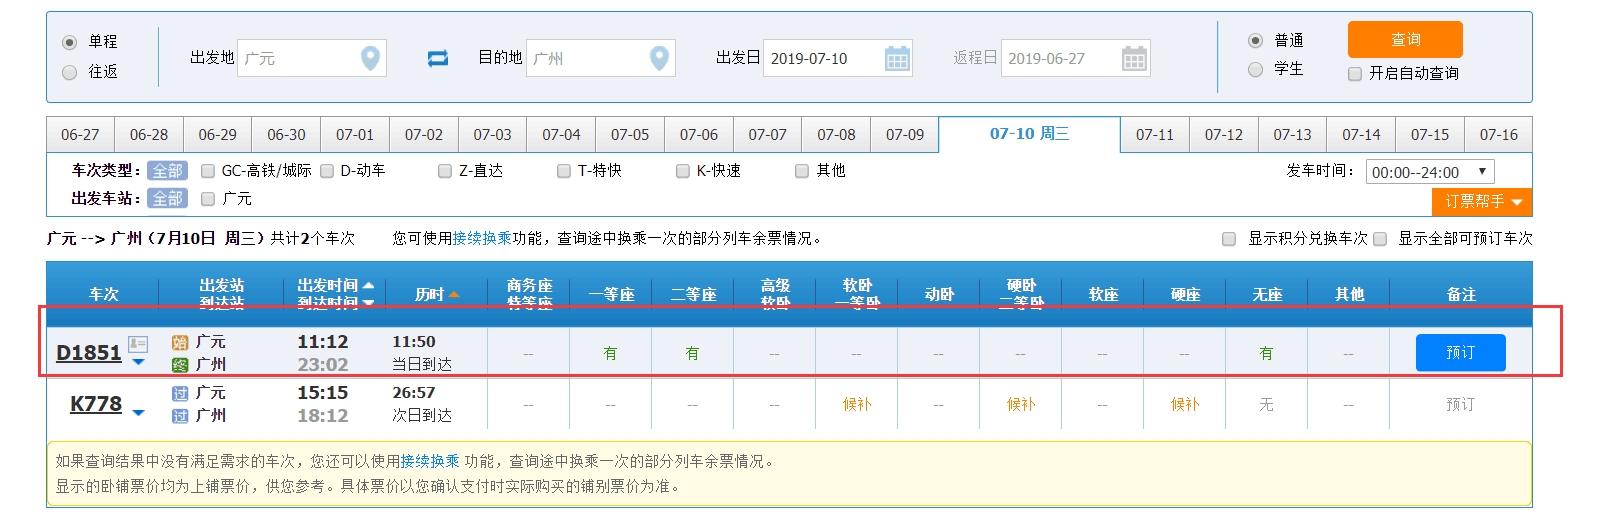 节约15小时!7月10日起广元将开行直达广州动车